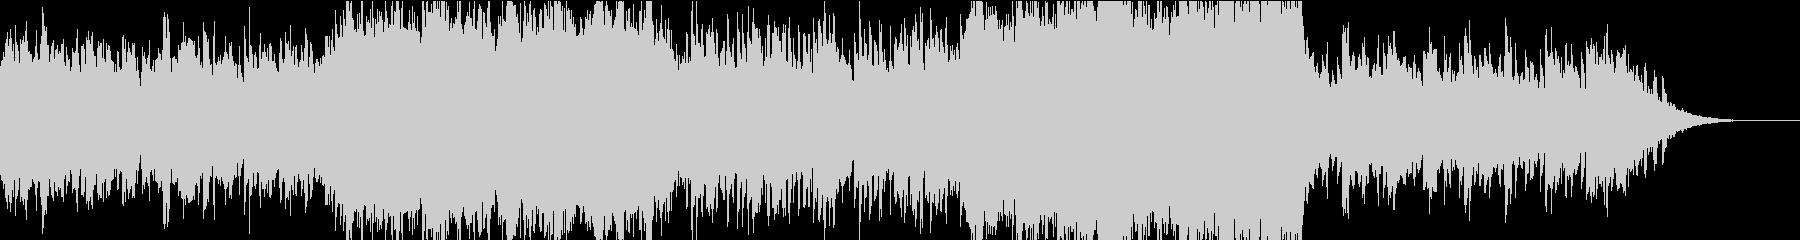 現代的 交響曲 クラシック モダン...の未再生の波形